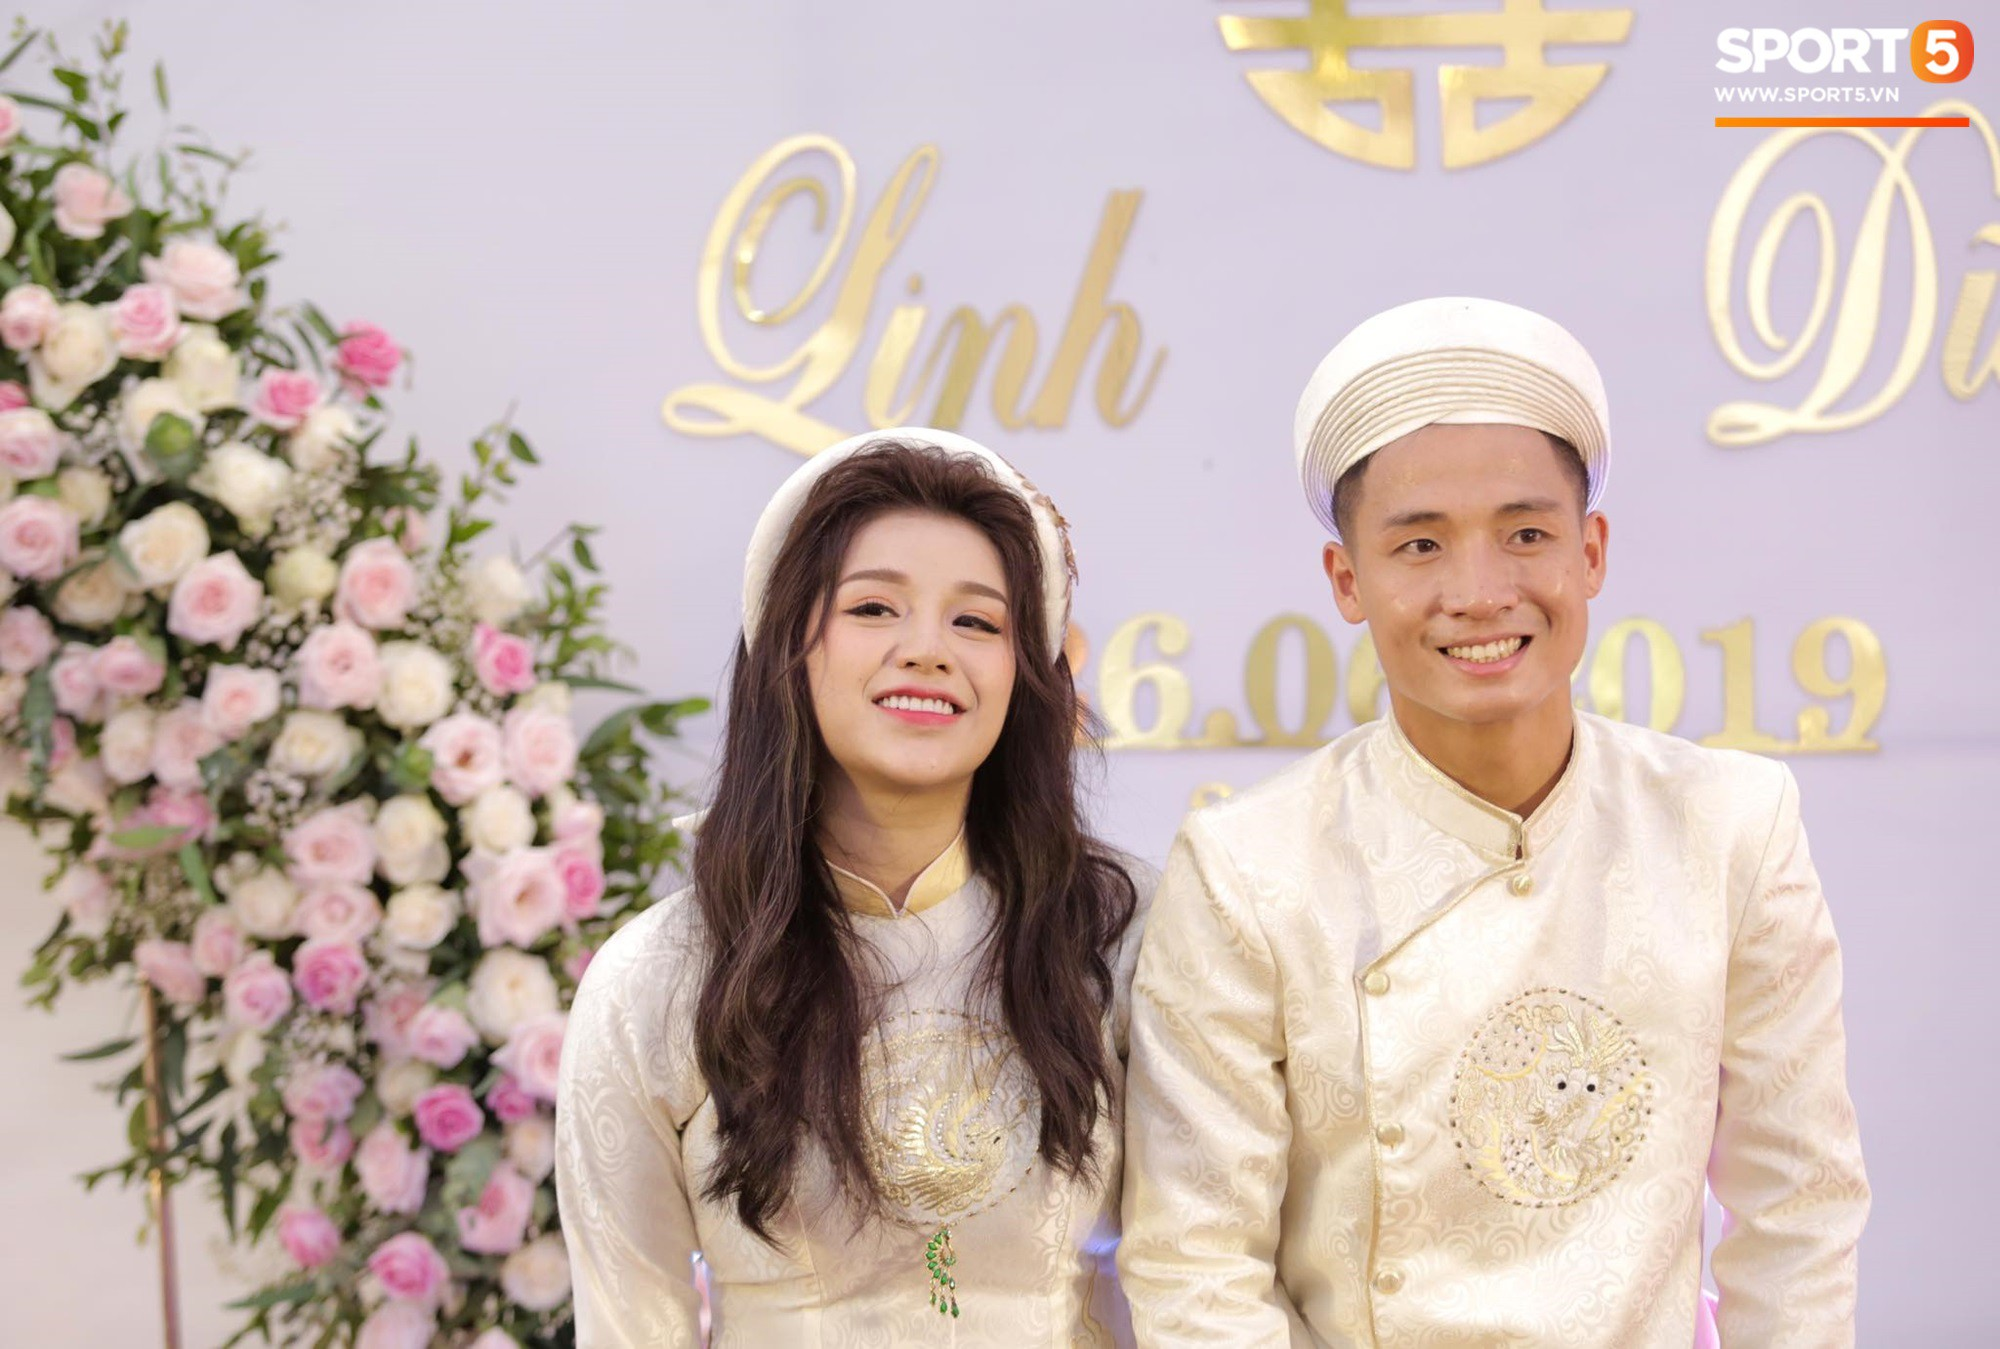 Bùi Tiến Dũng và cô dâu Khánh Linh hôn nhau say đắm, hát Nắm Lấy Tay Anh cực ngọt ngào-19